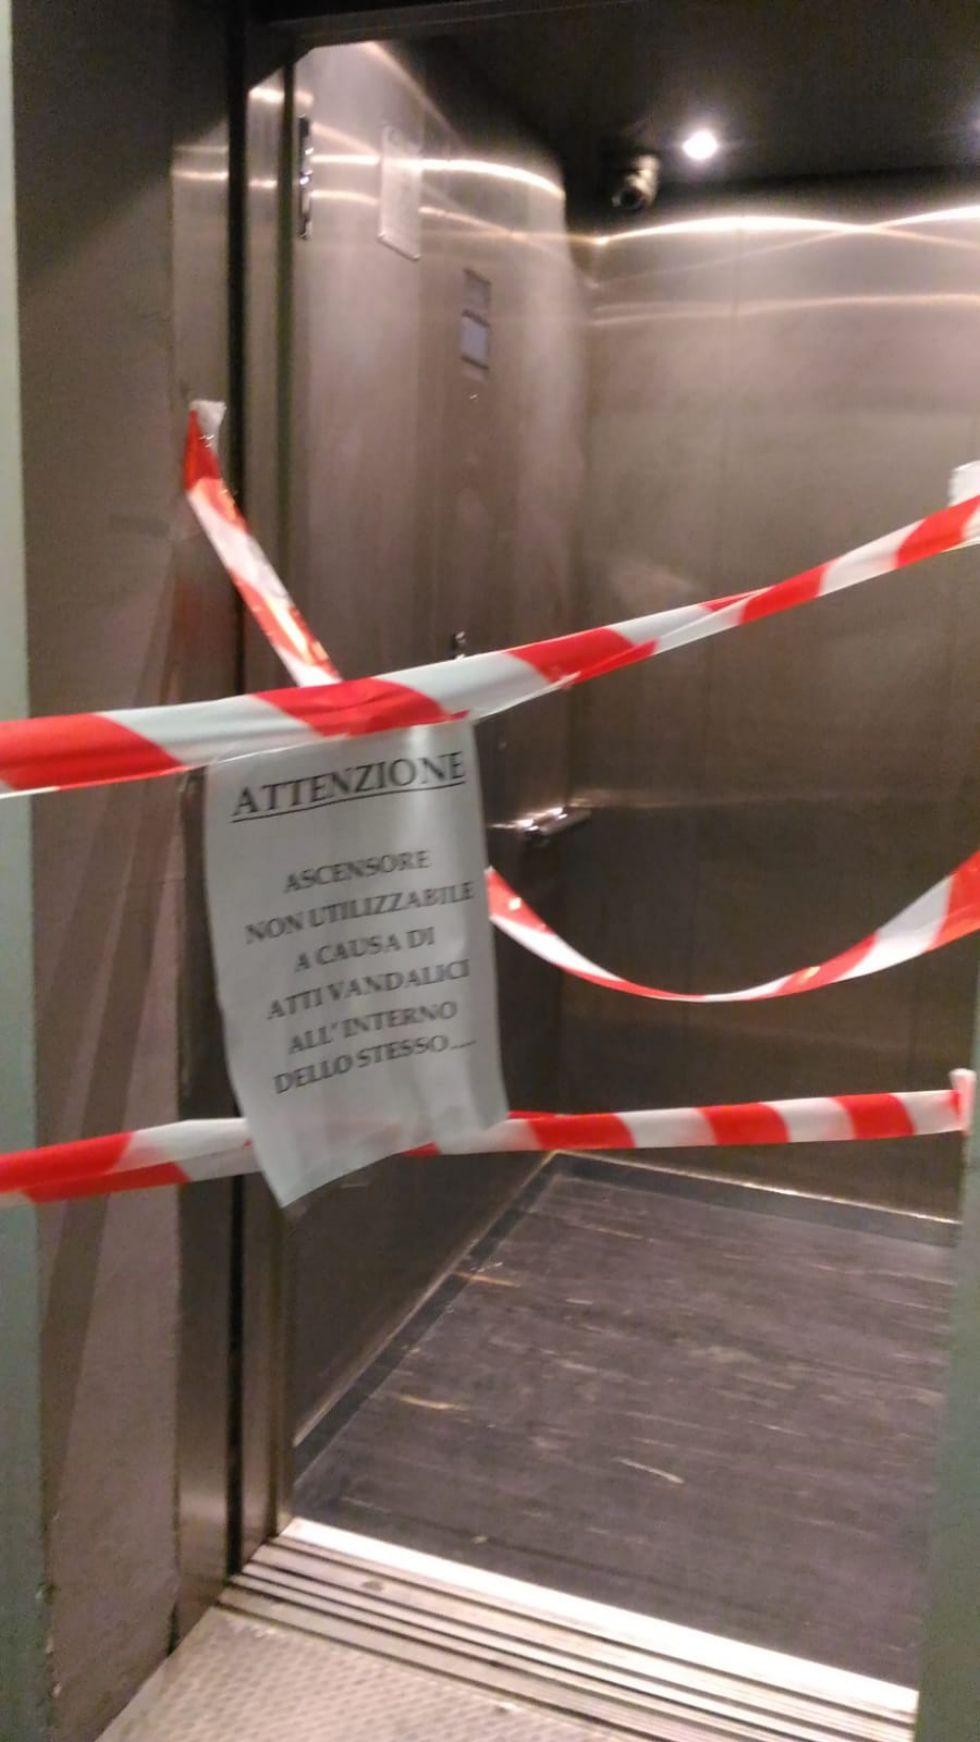 TROFARELLO - Continuano i vandalismi alla stazione: fuori uso l'ascensore